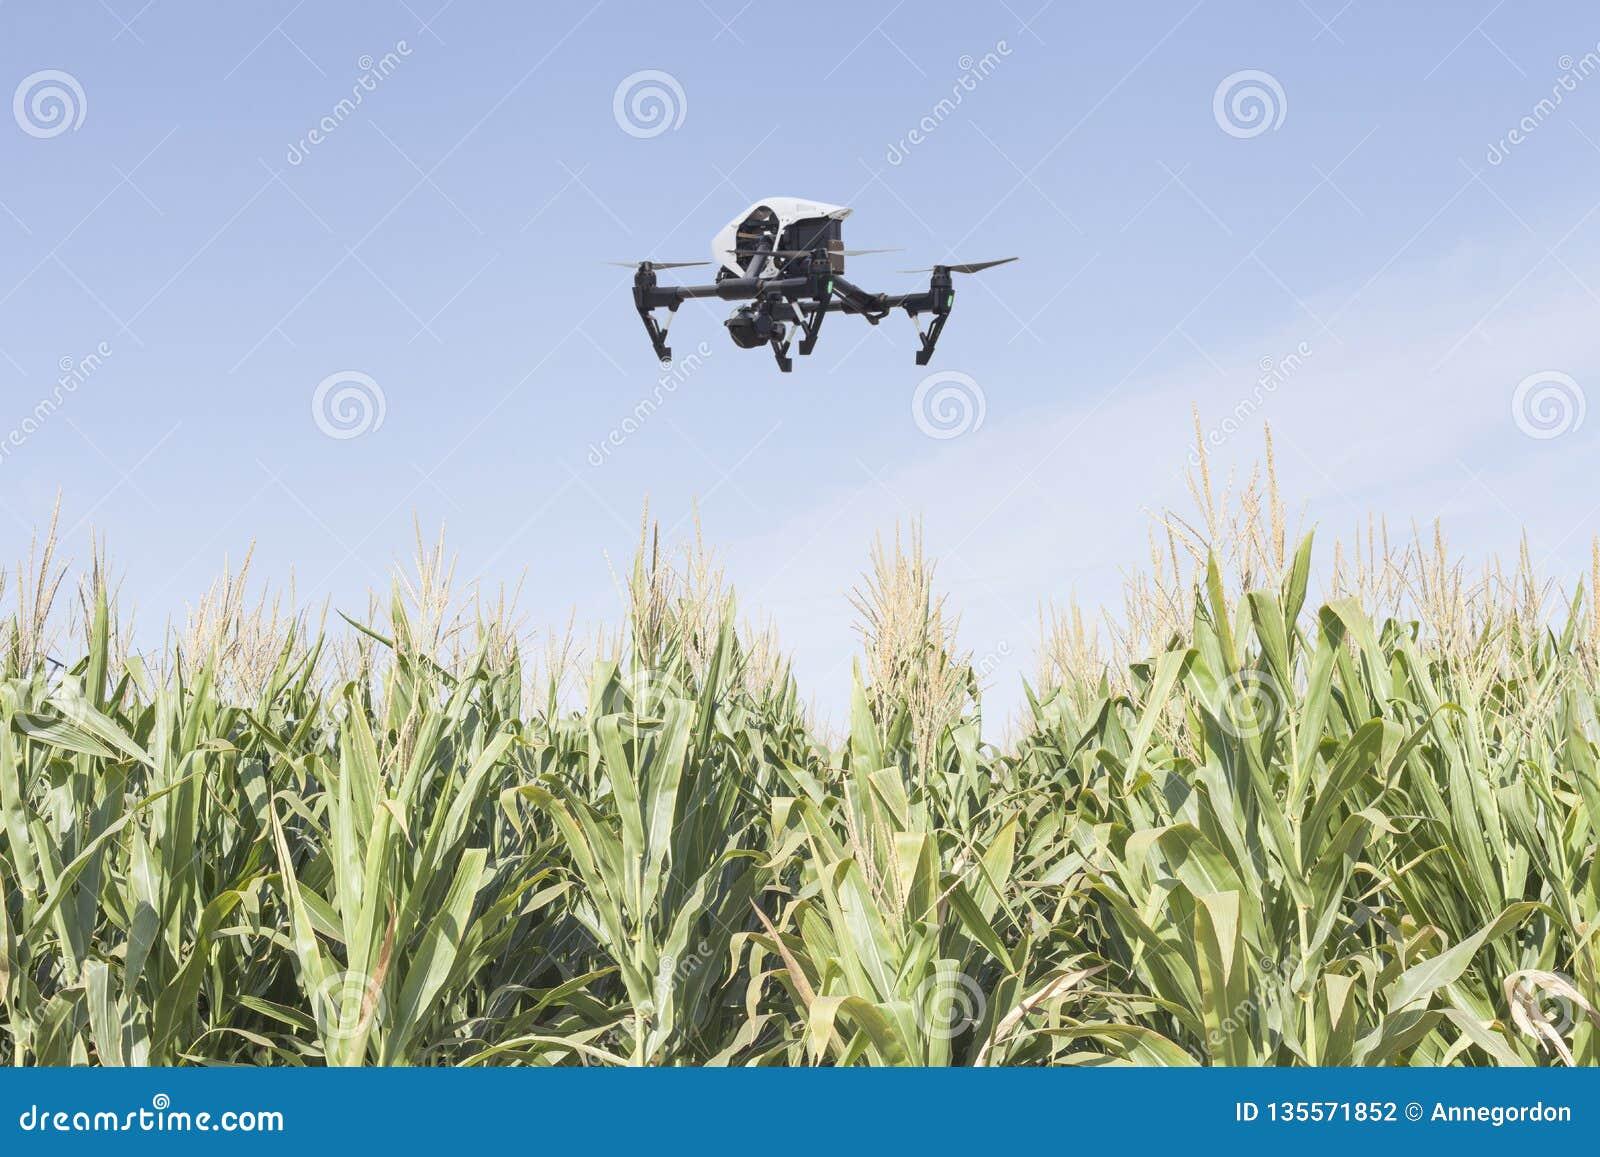 Drone on a corn field